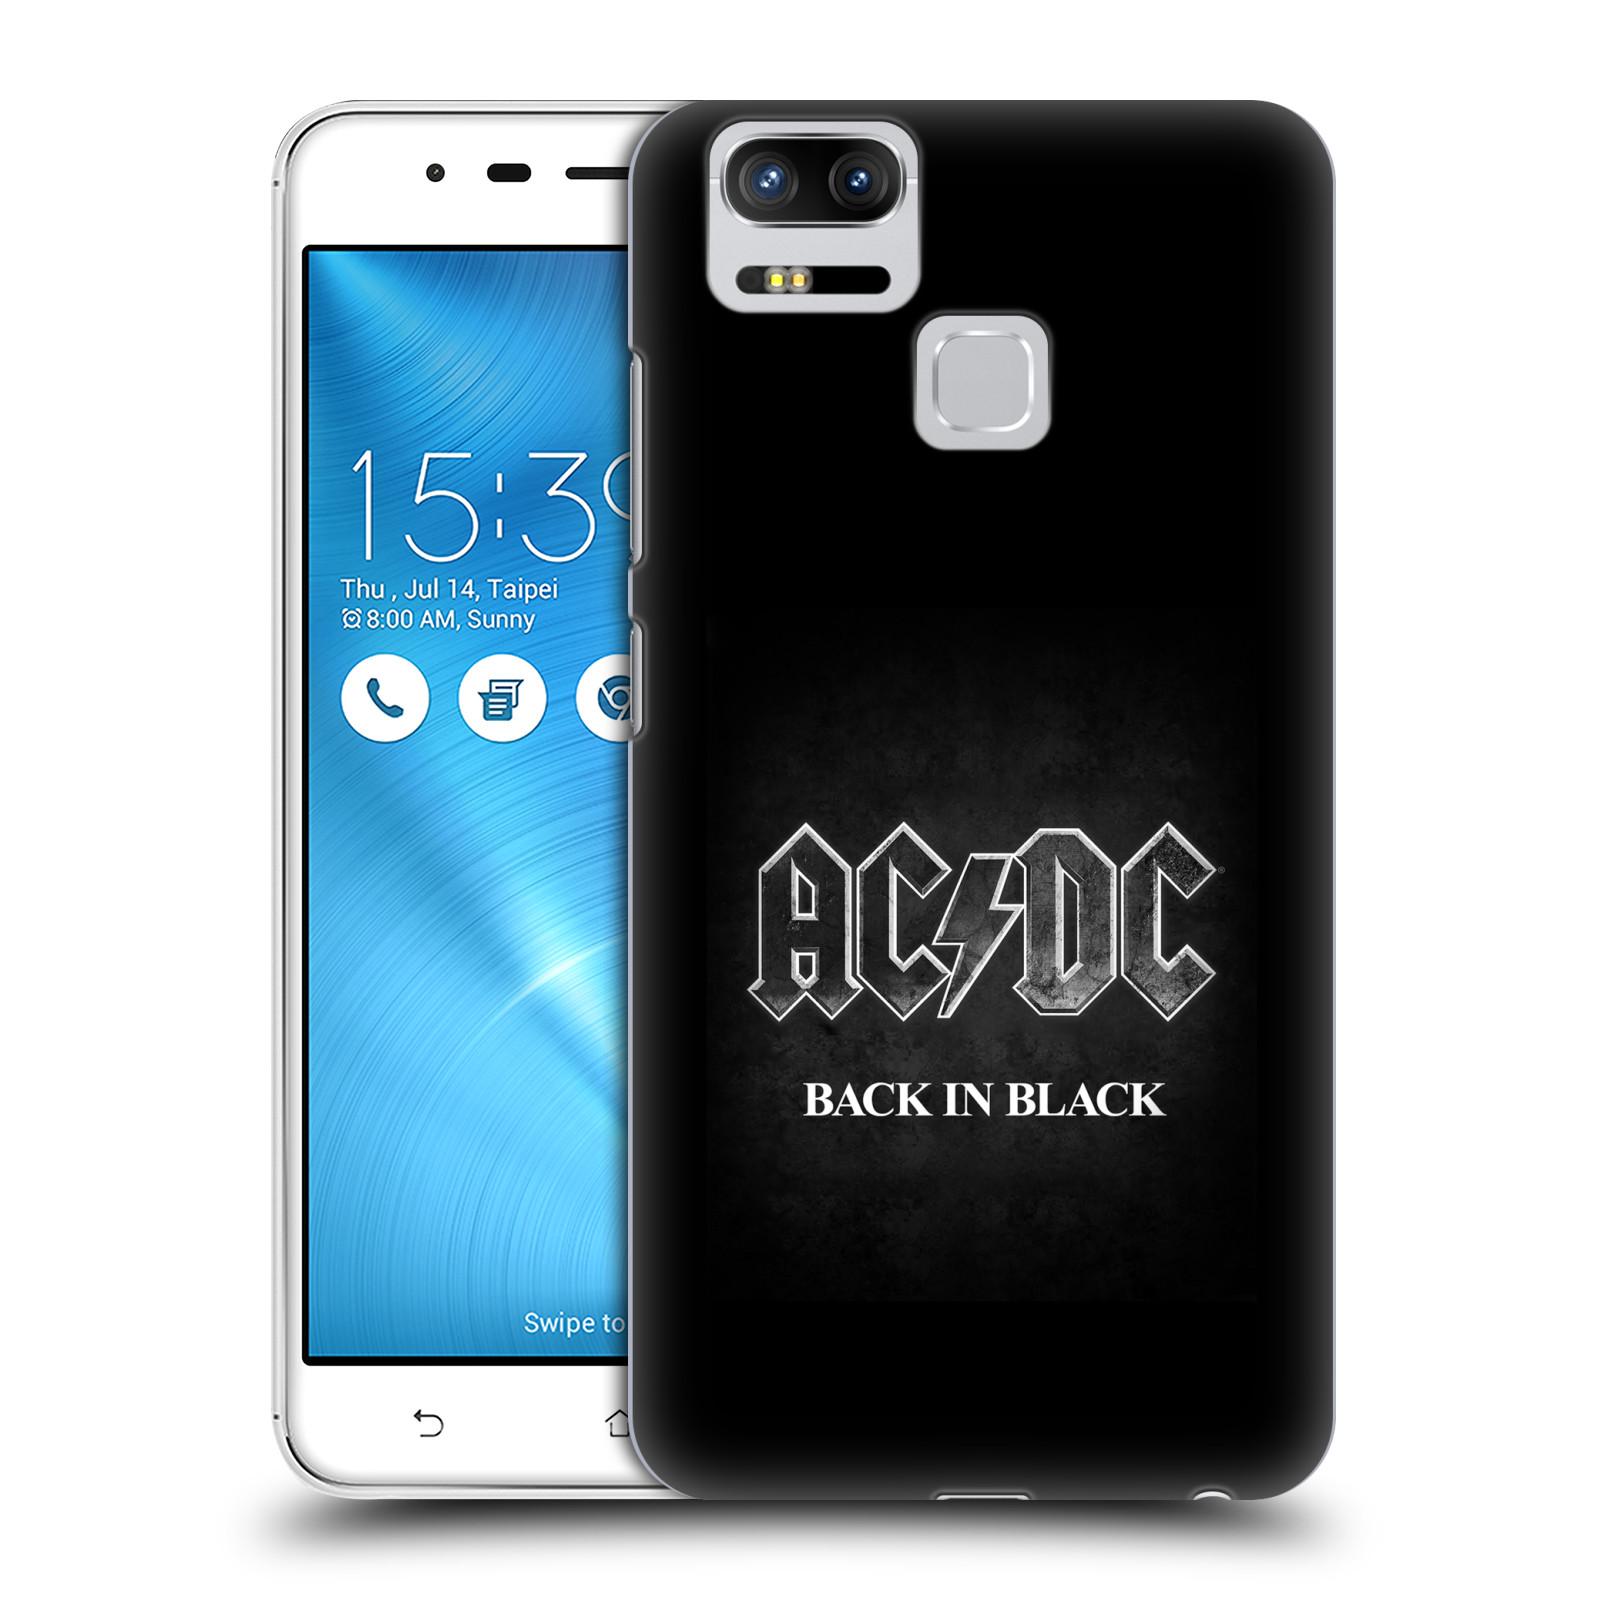 Plastové pouzdro na mobil Asus ZenFone 3 ZOOM ZE553KL - Head Case - AC/DC BACK IN BLACK (Plastový kryt či obal na mobilní telefon Asus ZenFone 3 ZOOM ZE553KL s motivem AC/DC BACK IN BLACK)